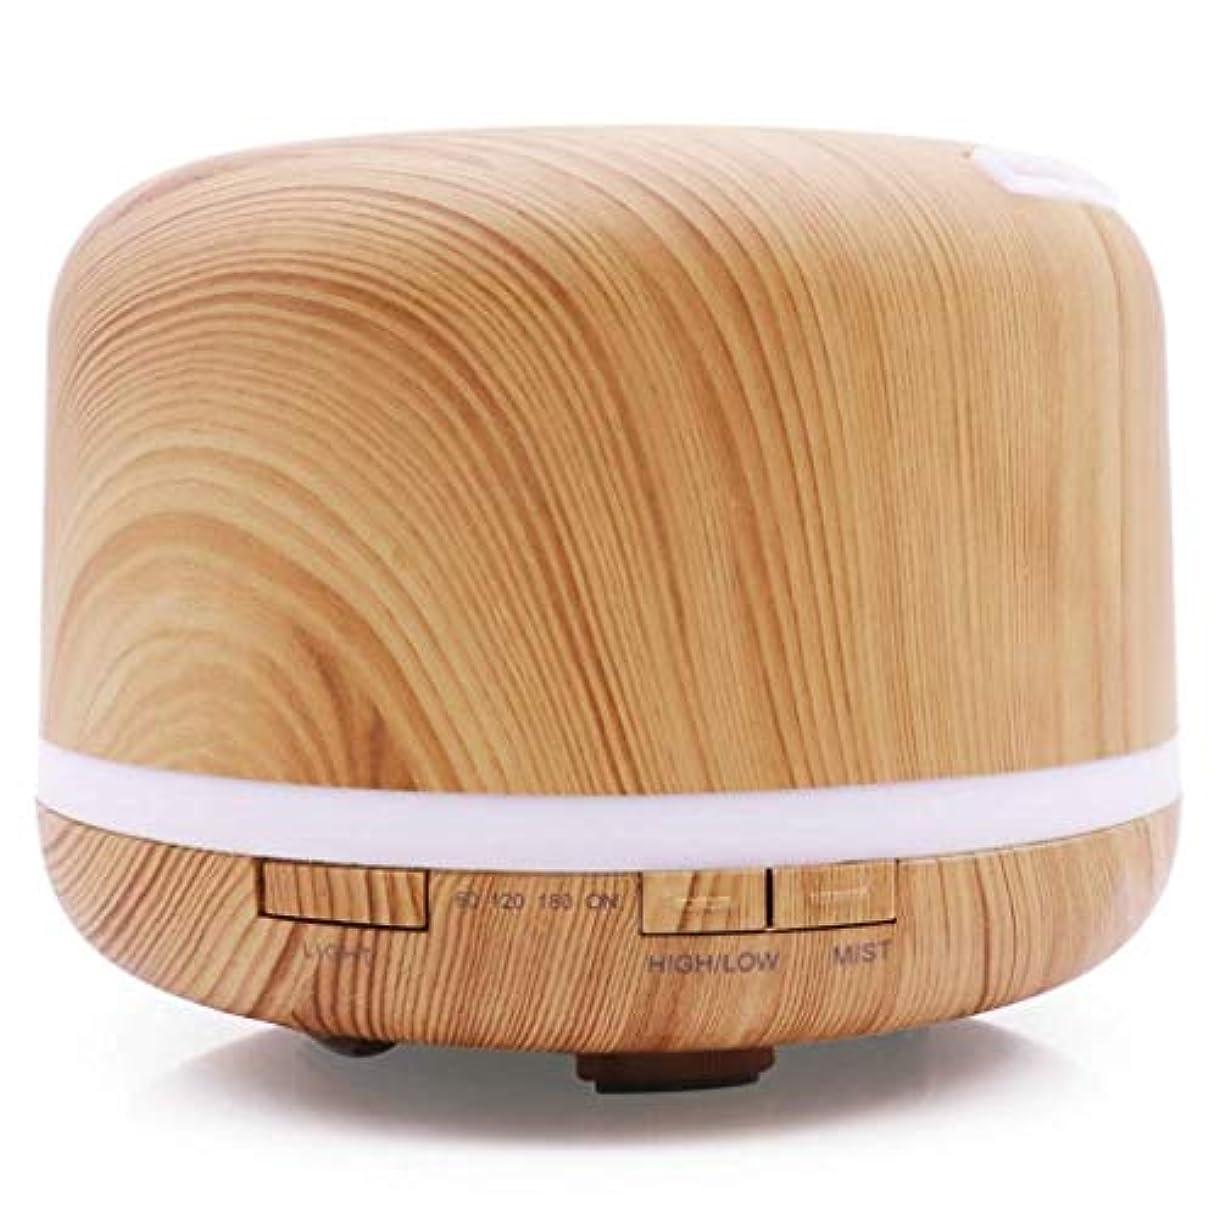 迫害生活フルーツアロマテラピーディフューザー、調整可能なミスト付き500ml超音波エッセンシャルオイルディフューザー、自動シャットオフギフト付き女性用加湿器ディフューザー (Color : Wood Grain)